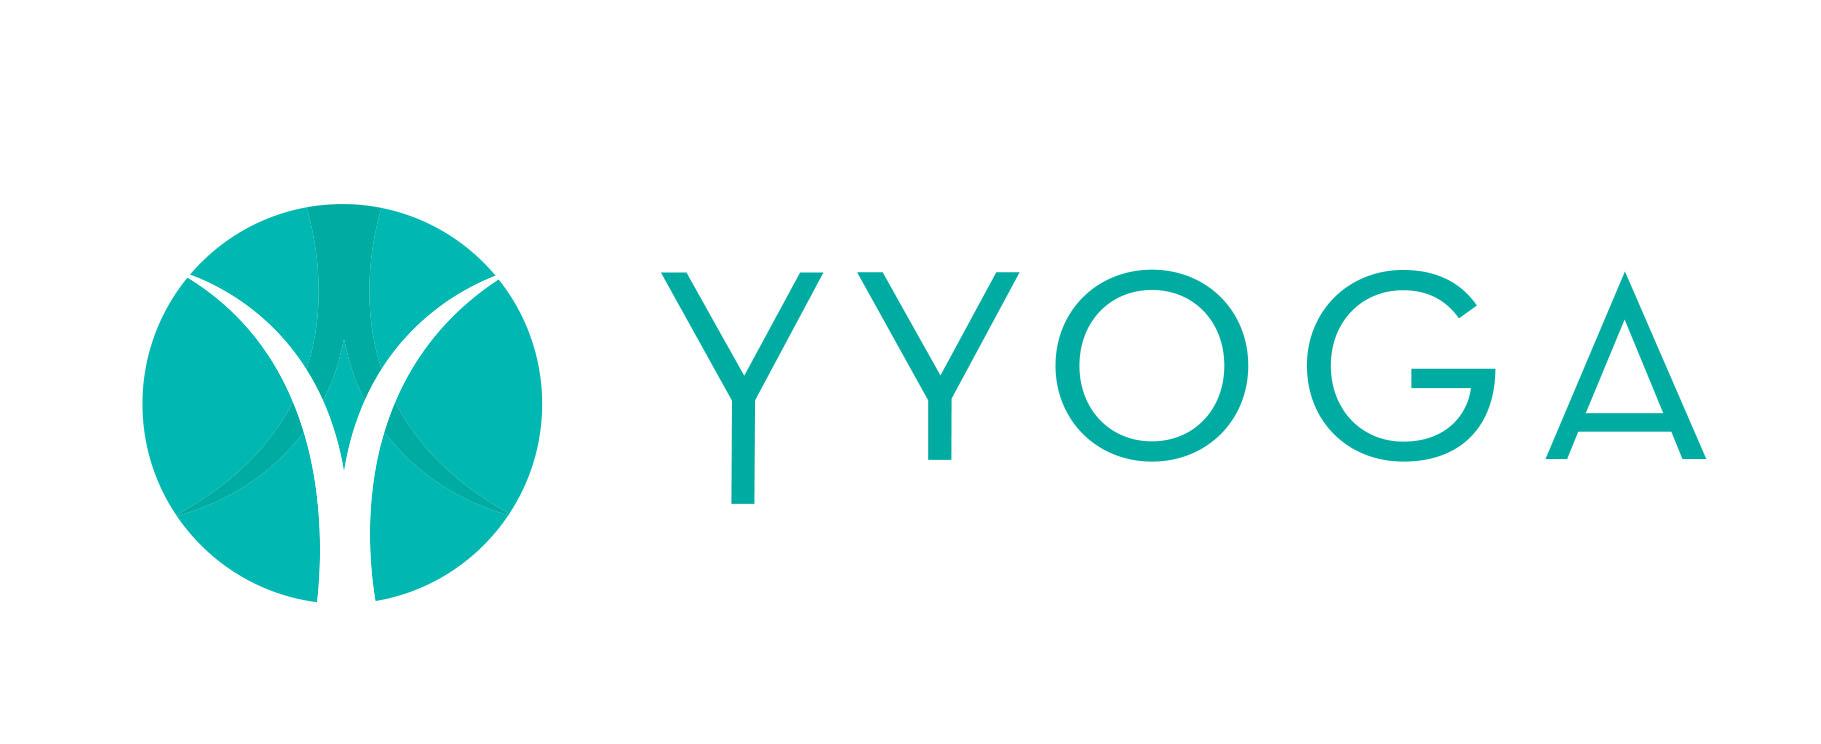 Yyoga Yoga Centre  - The Social Agency's Clients